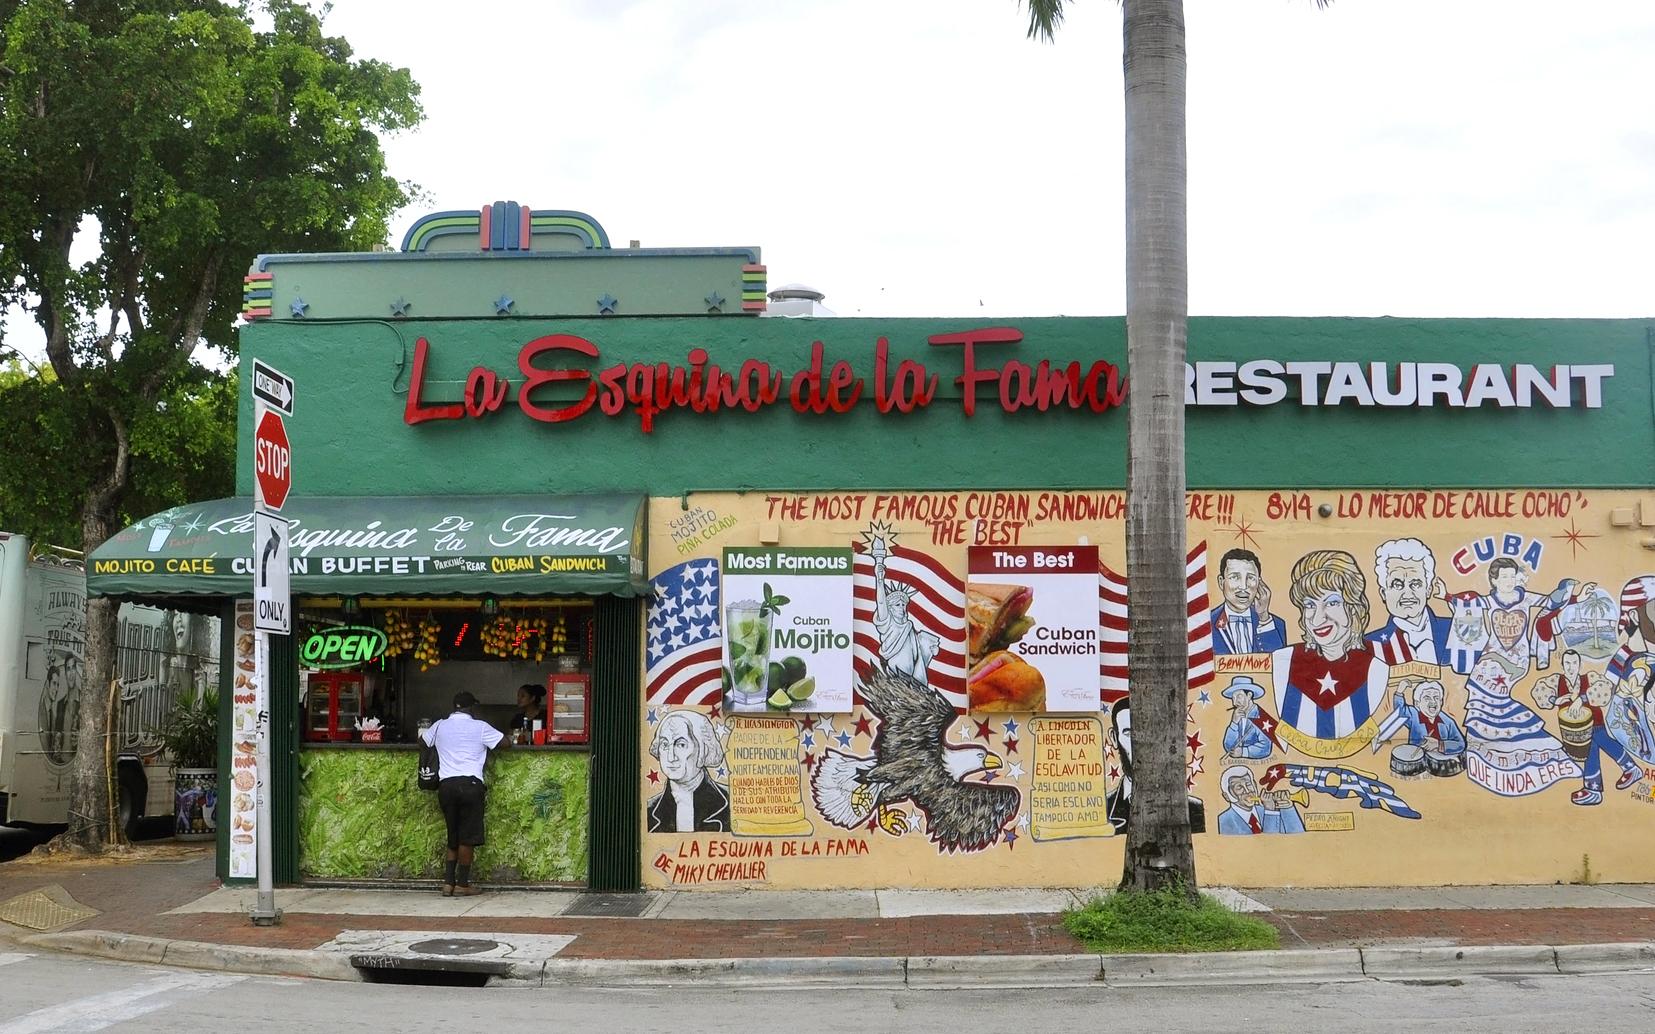 restaurant on corner